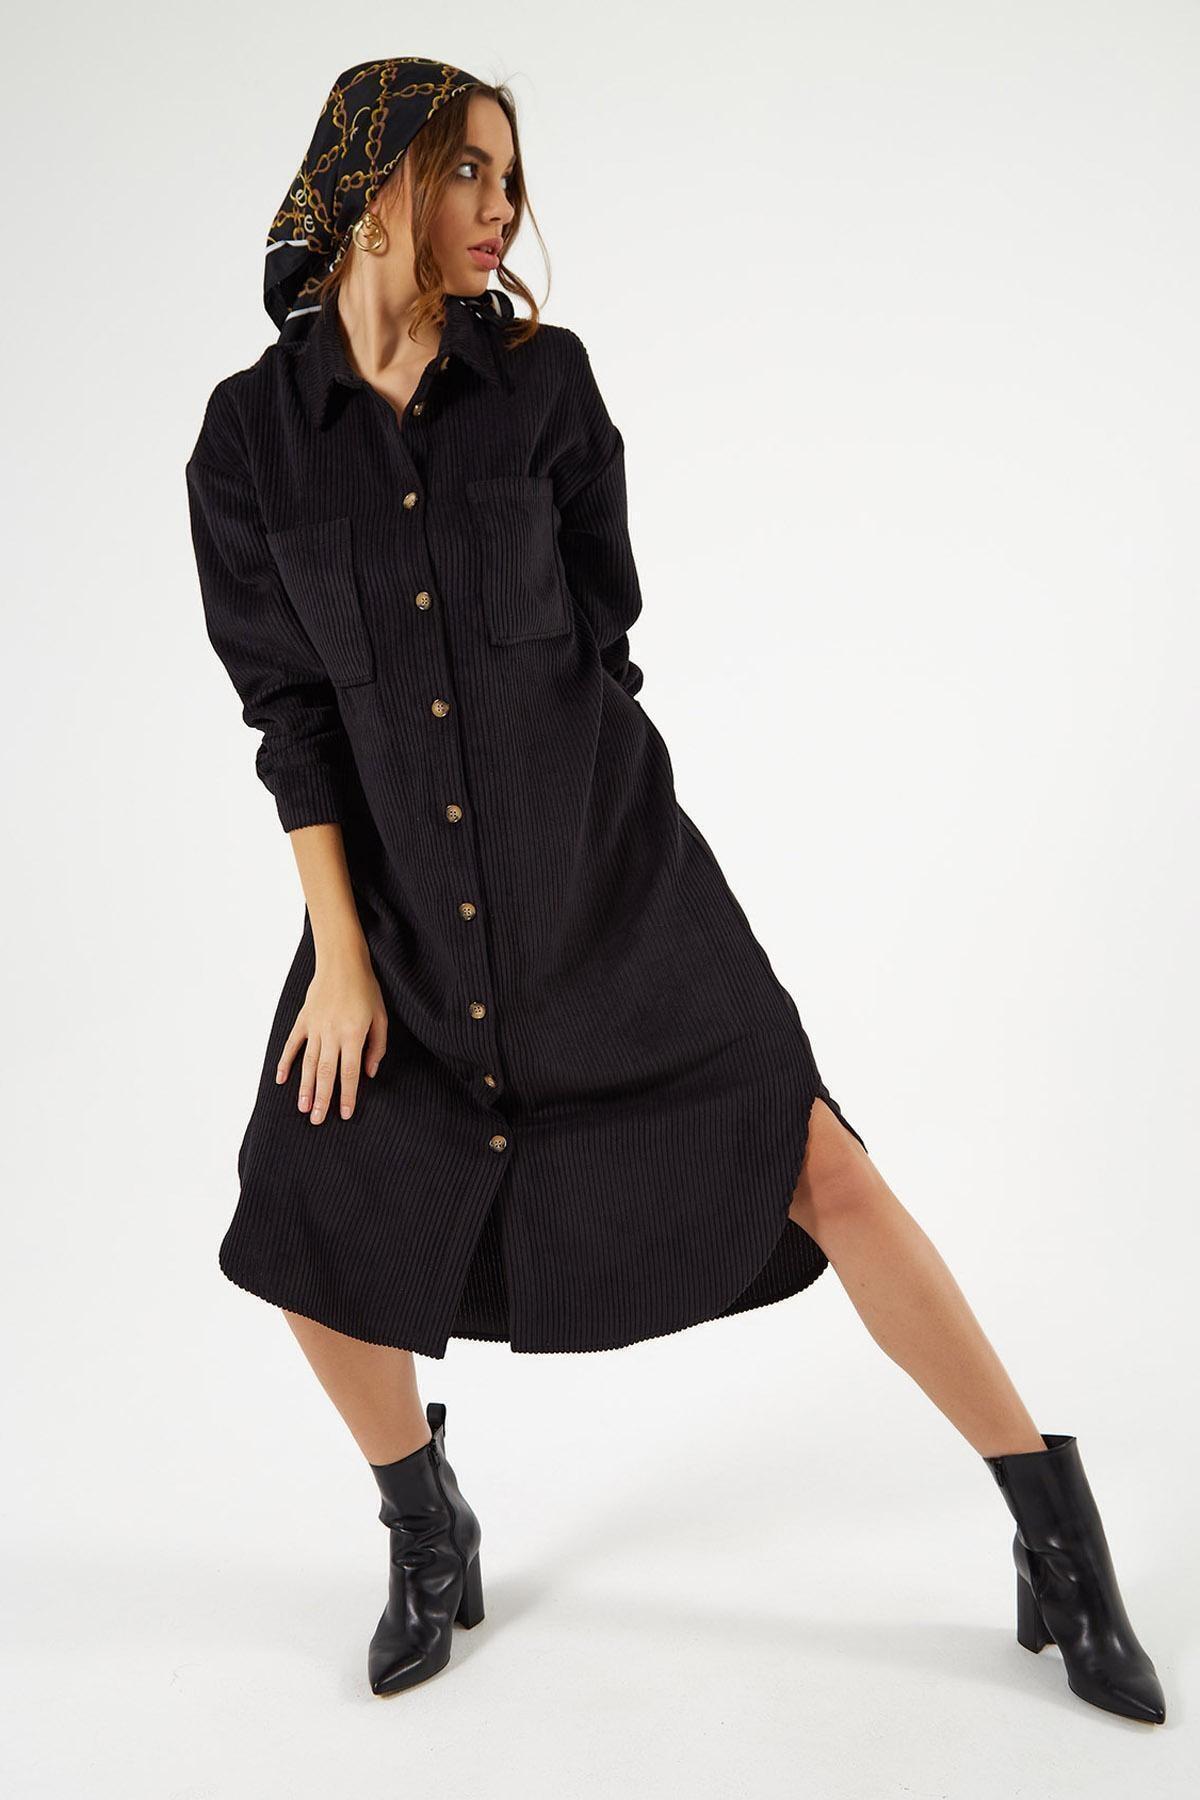 Pattaya Kadın Kadife Uzun Gömlek Elbise Y20w110-00665 2